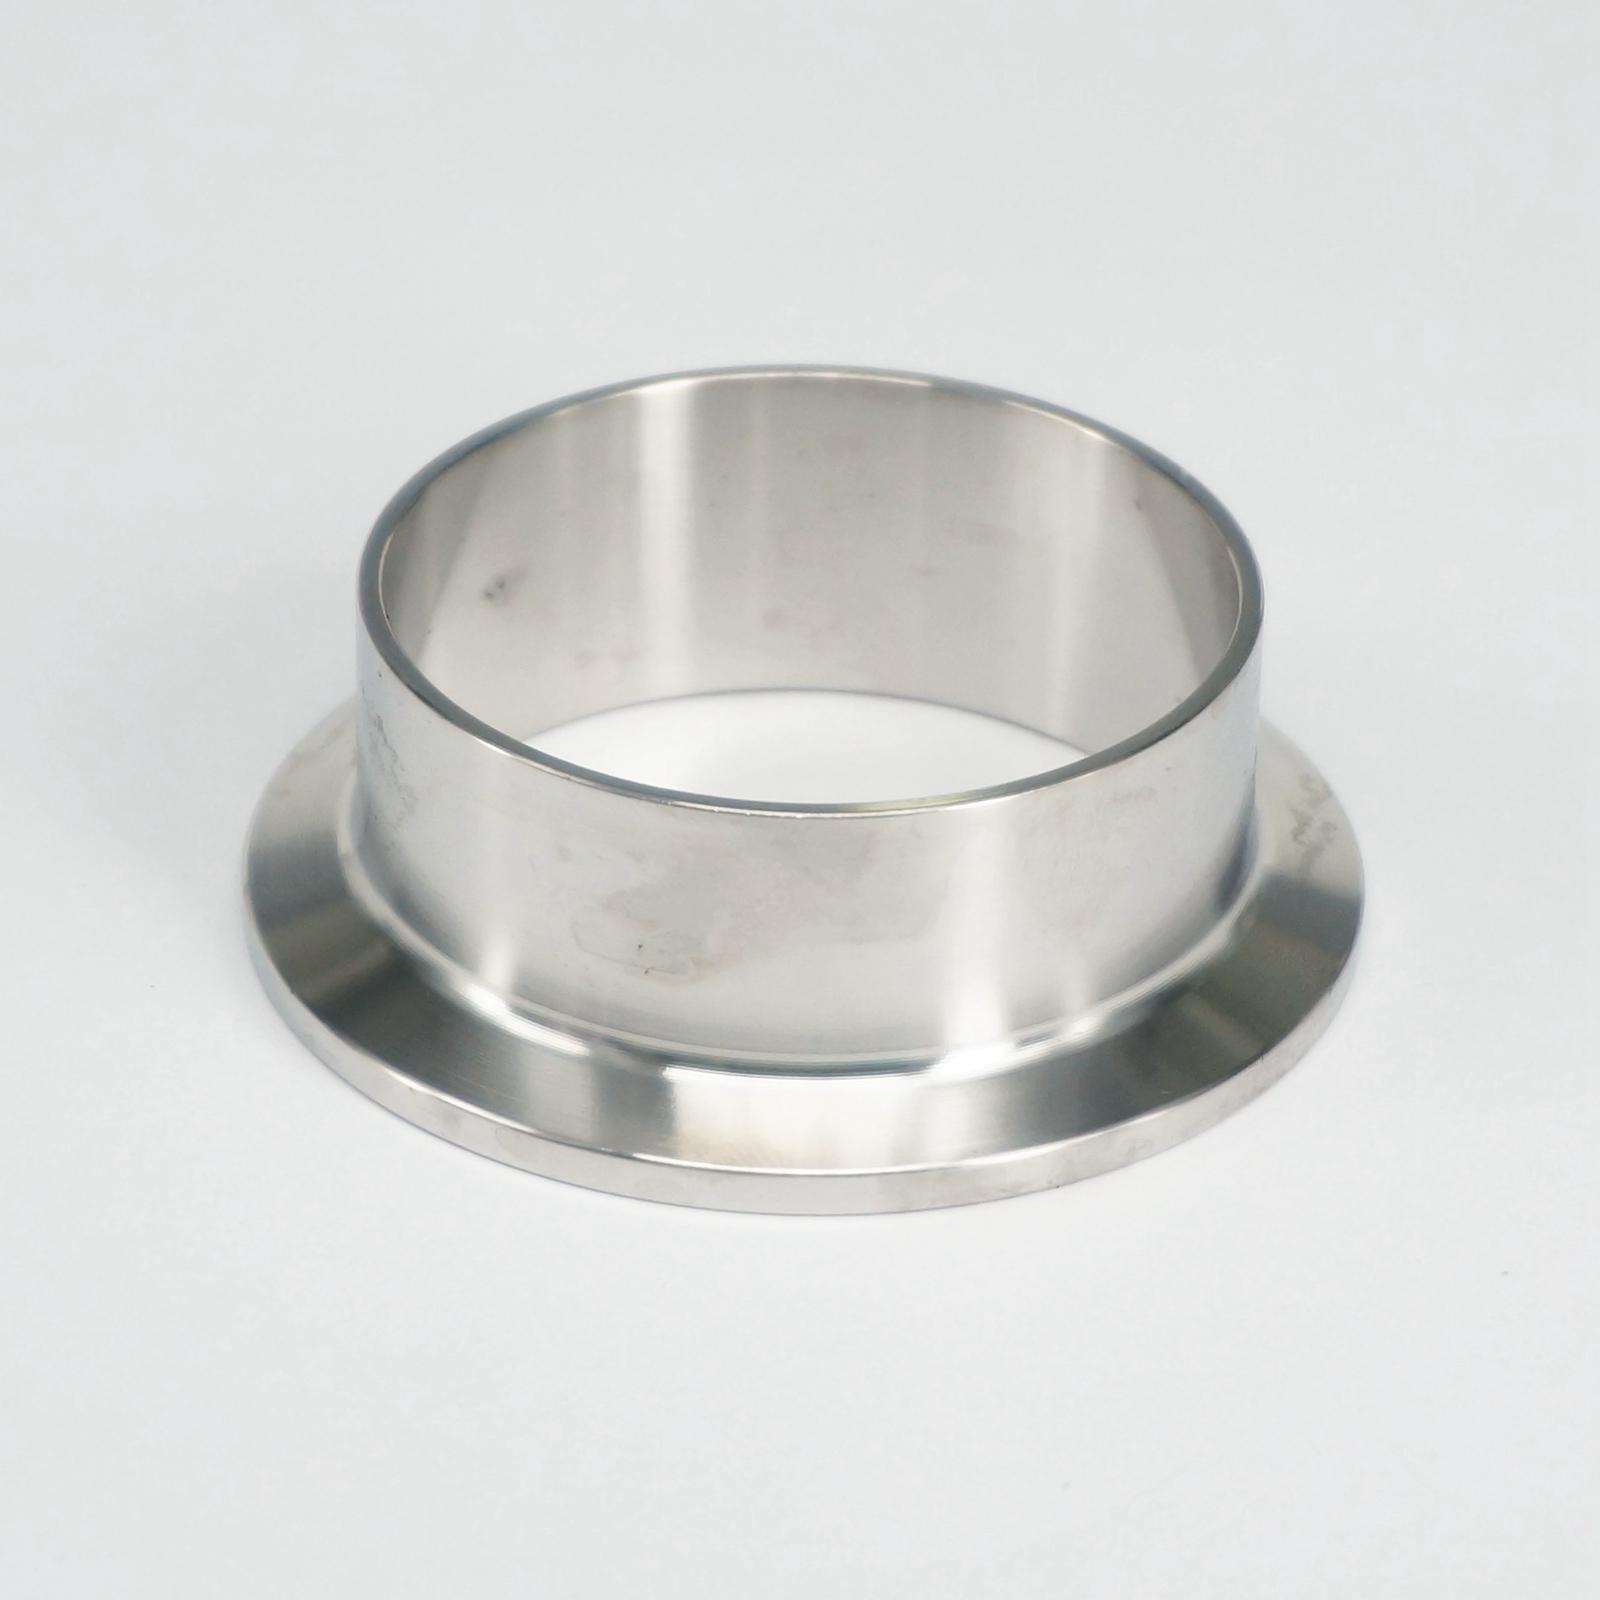 51mm Tube O/D X 2